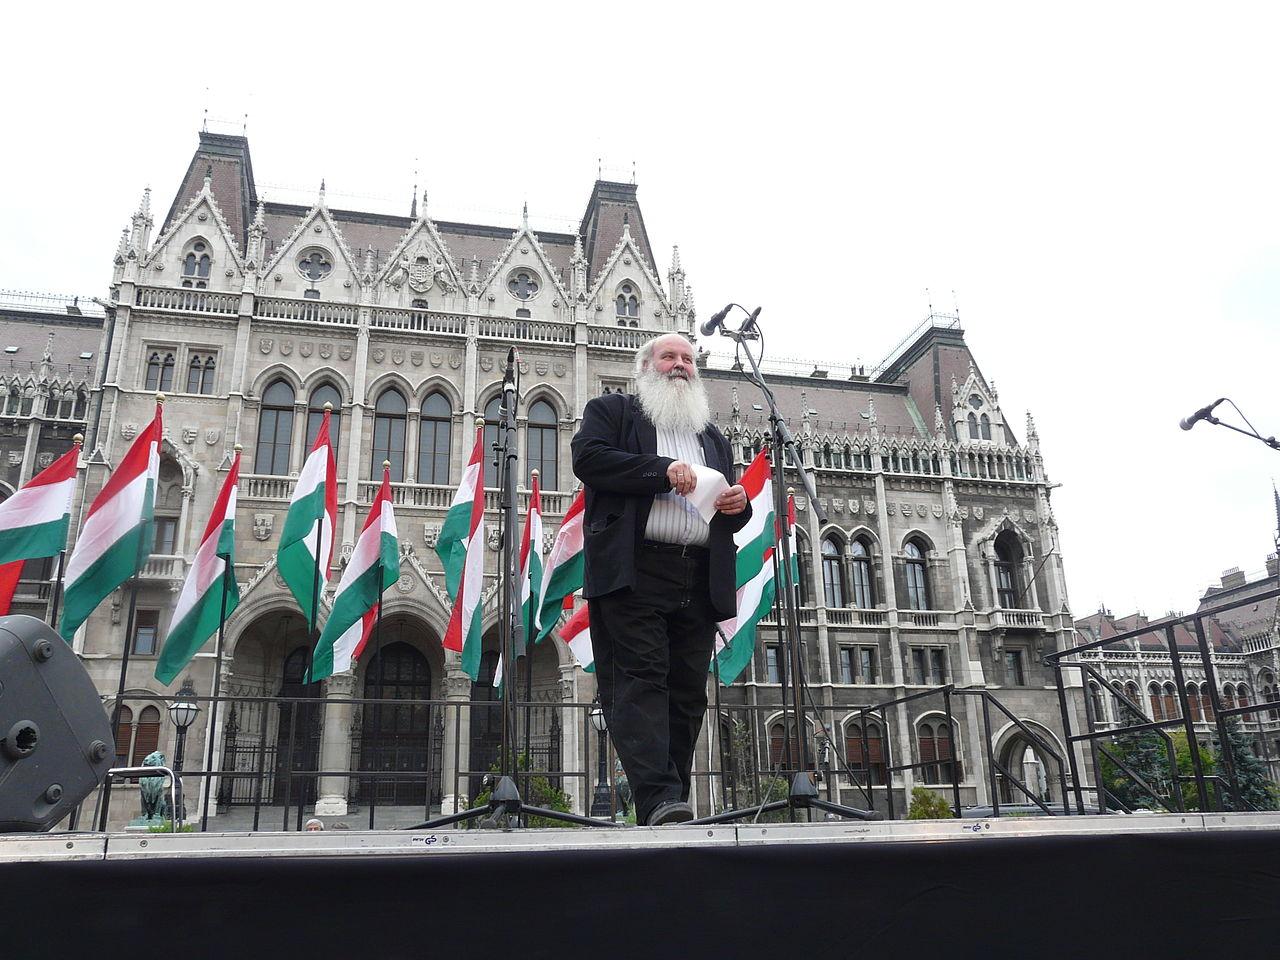 A Magyarországi Evangéliumi Testvérközösség petícióval tiltakozik a gyöngyöspatai romákat ért újabb politikai támadás miatt